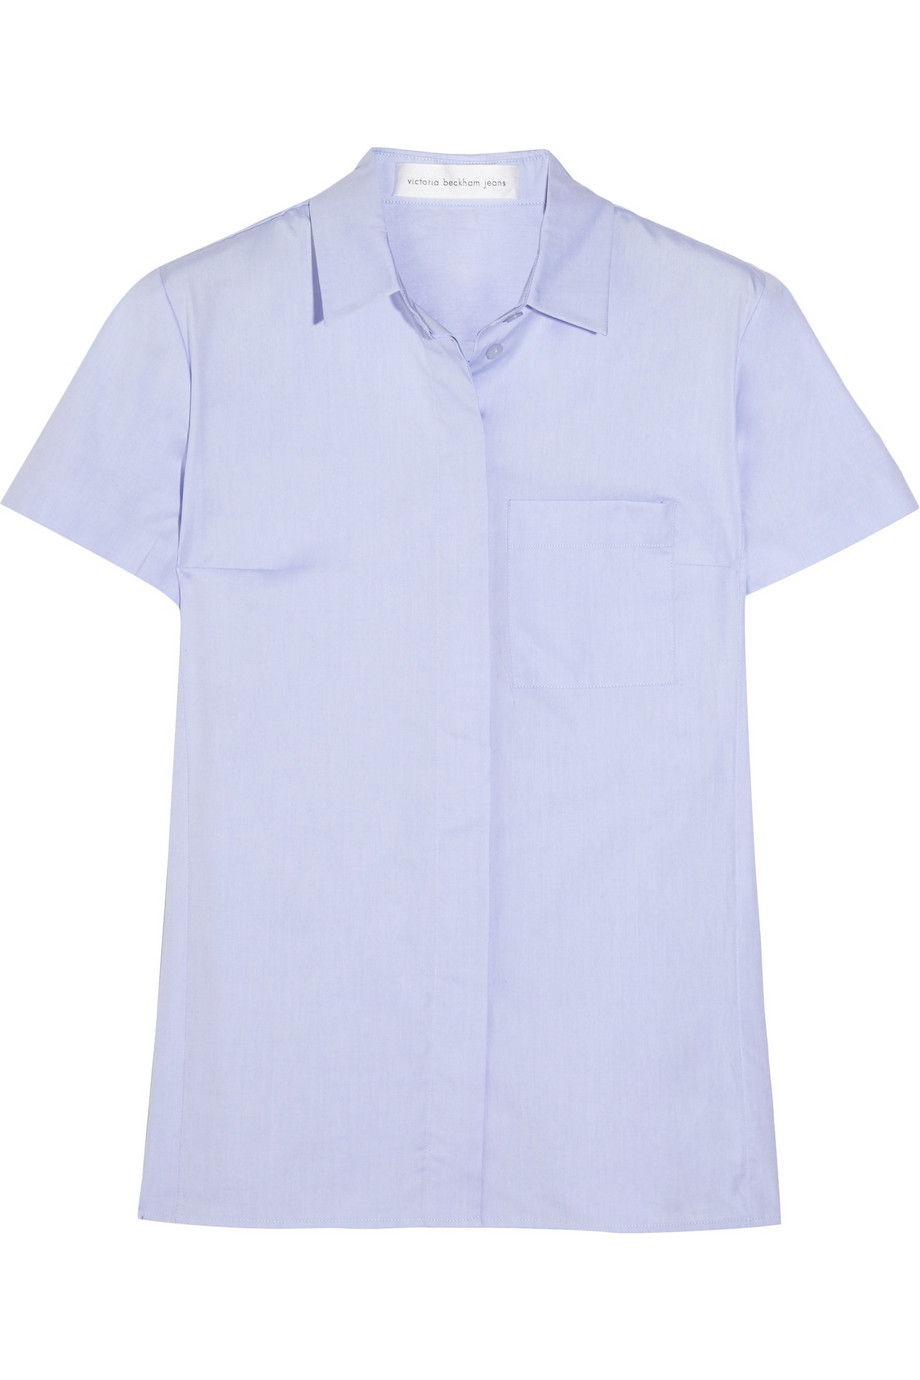 Lyst Victoria Beckham Cotton Shirt In Blue